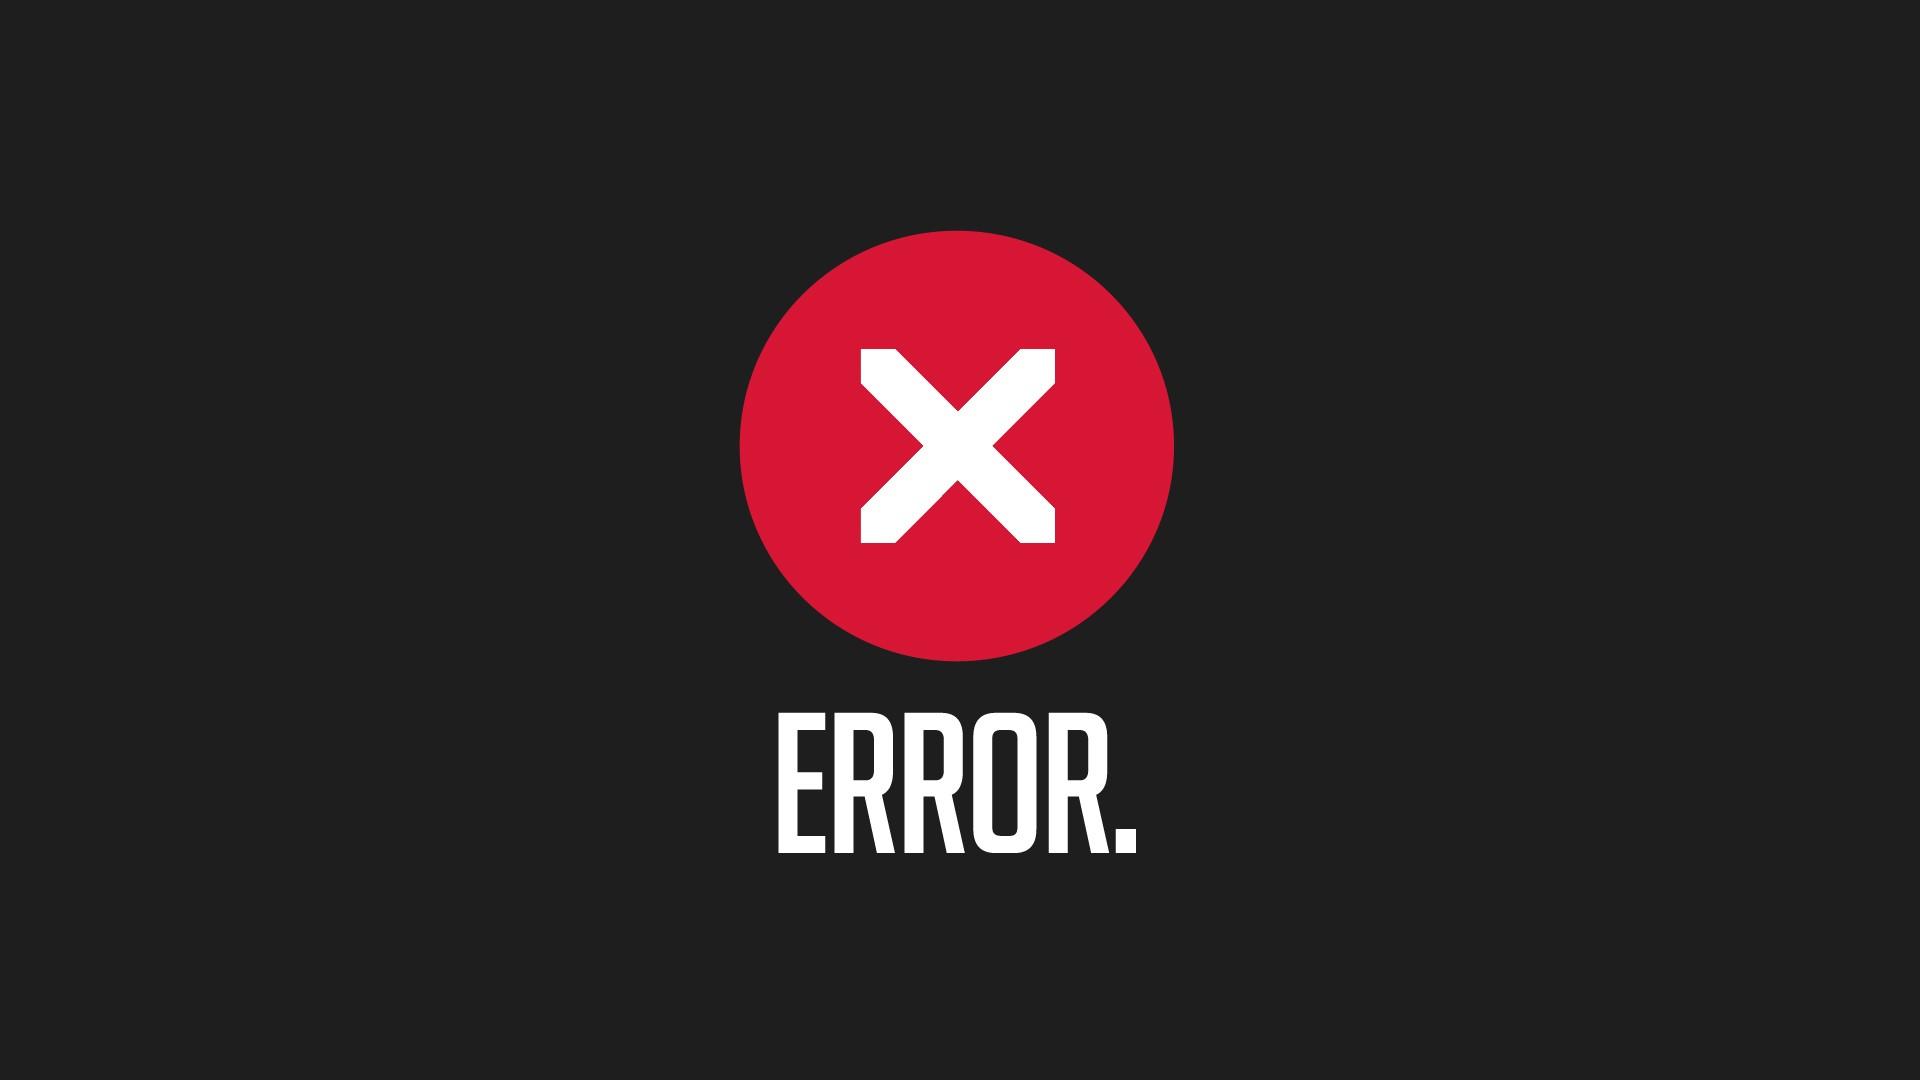 Un errore che tutti i software di calcolo commettono. NON farlo anche TU